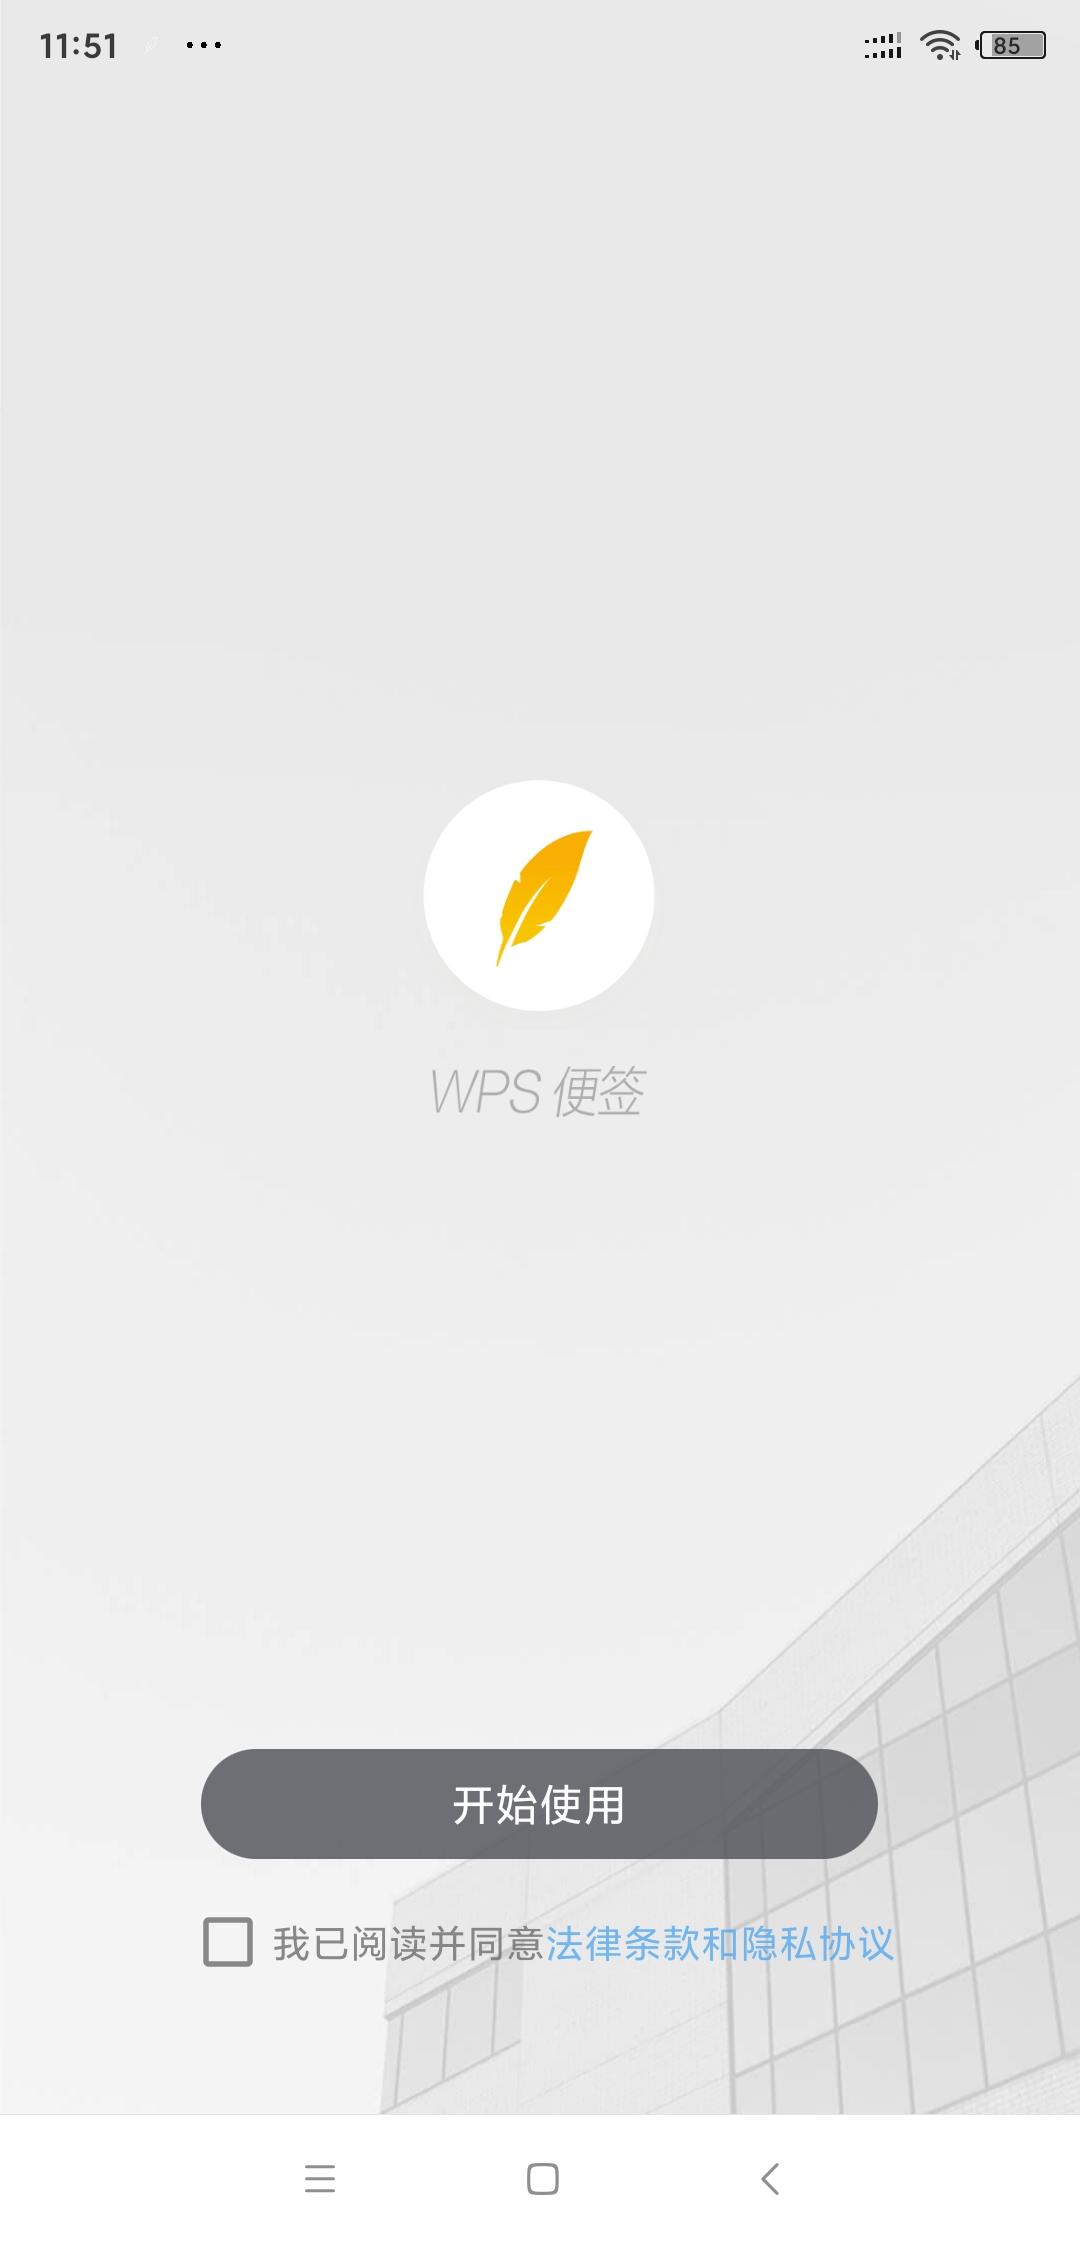 WPS便签